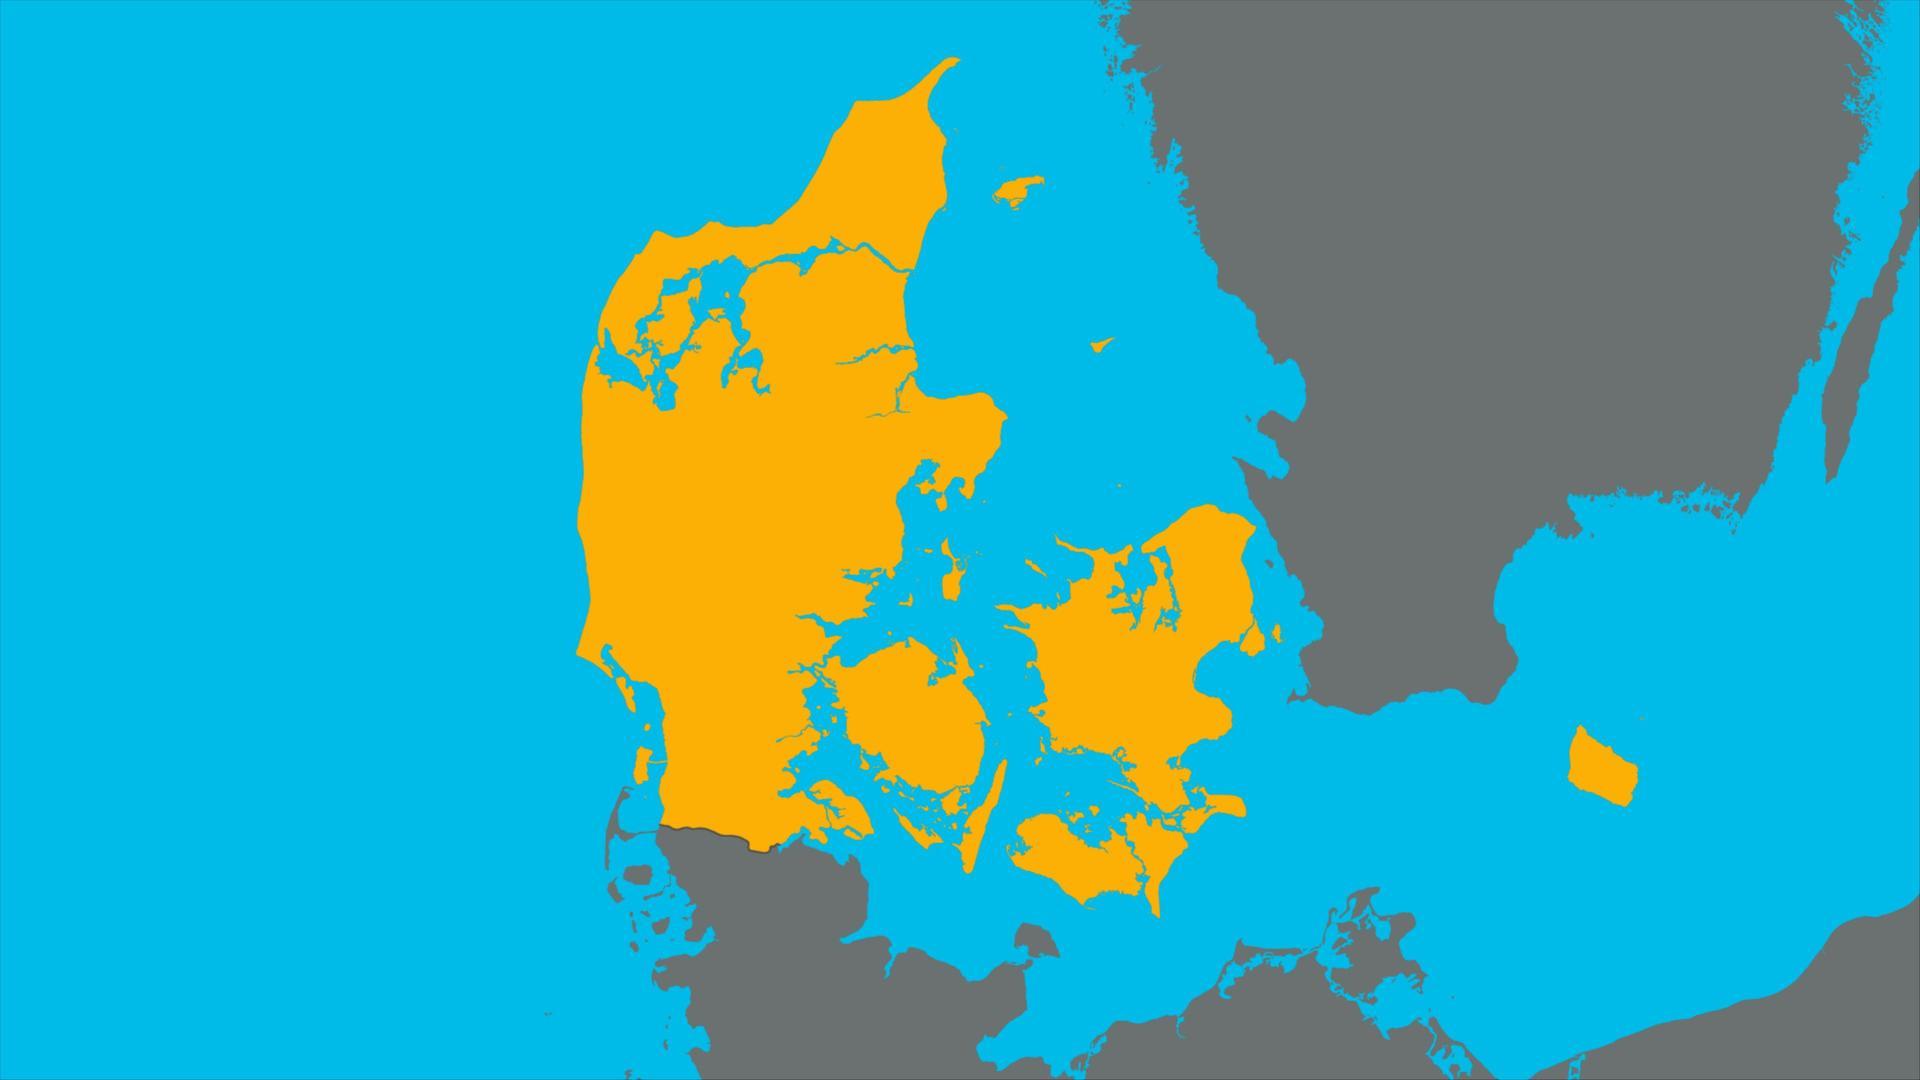 dänemark auf der karte logo!: Dänemark   ZDFtivi